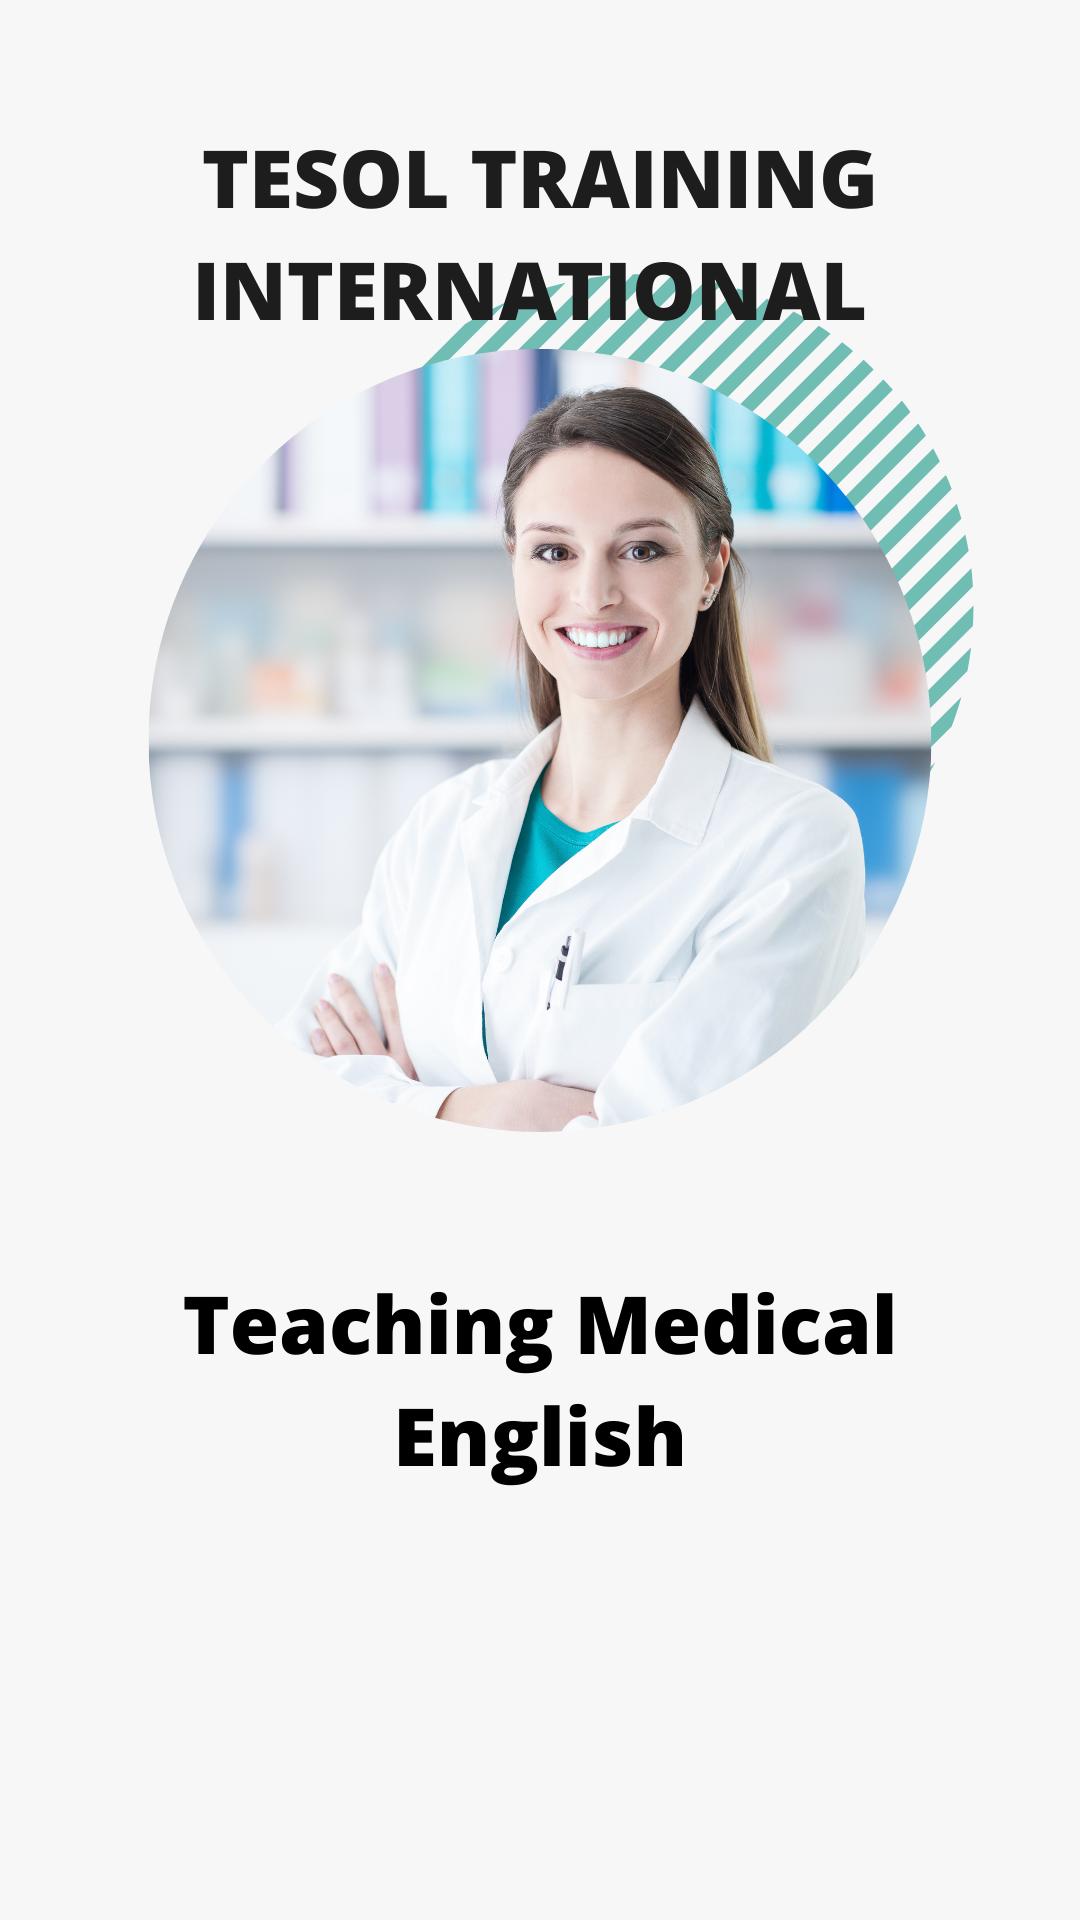 Teaching Medical English